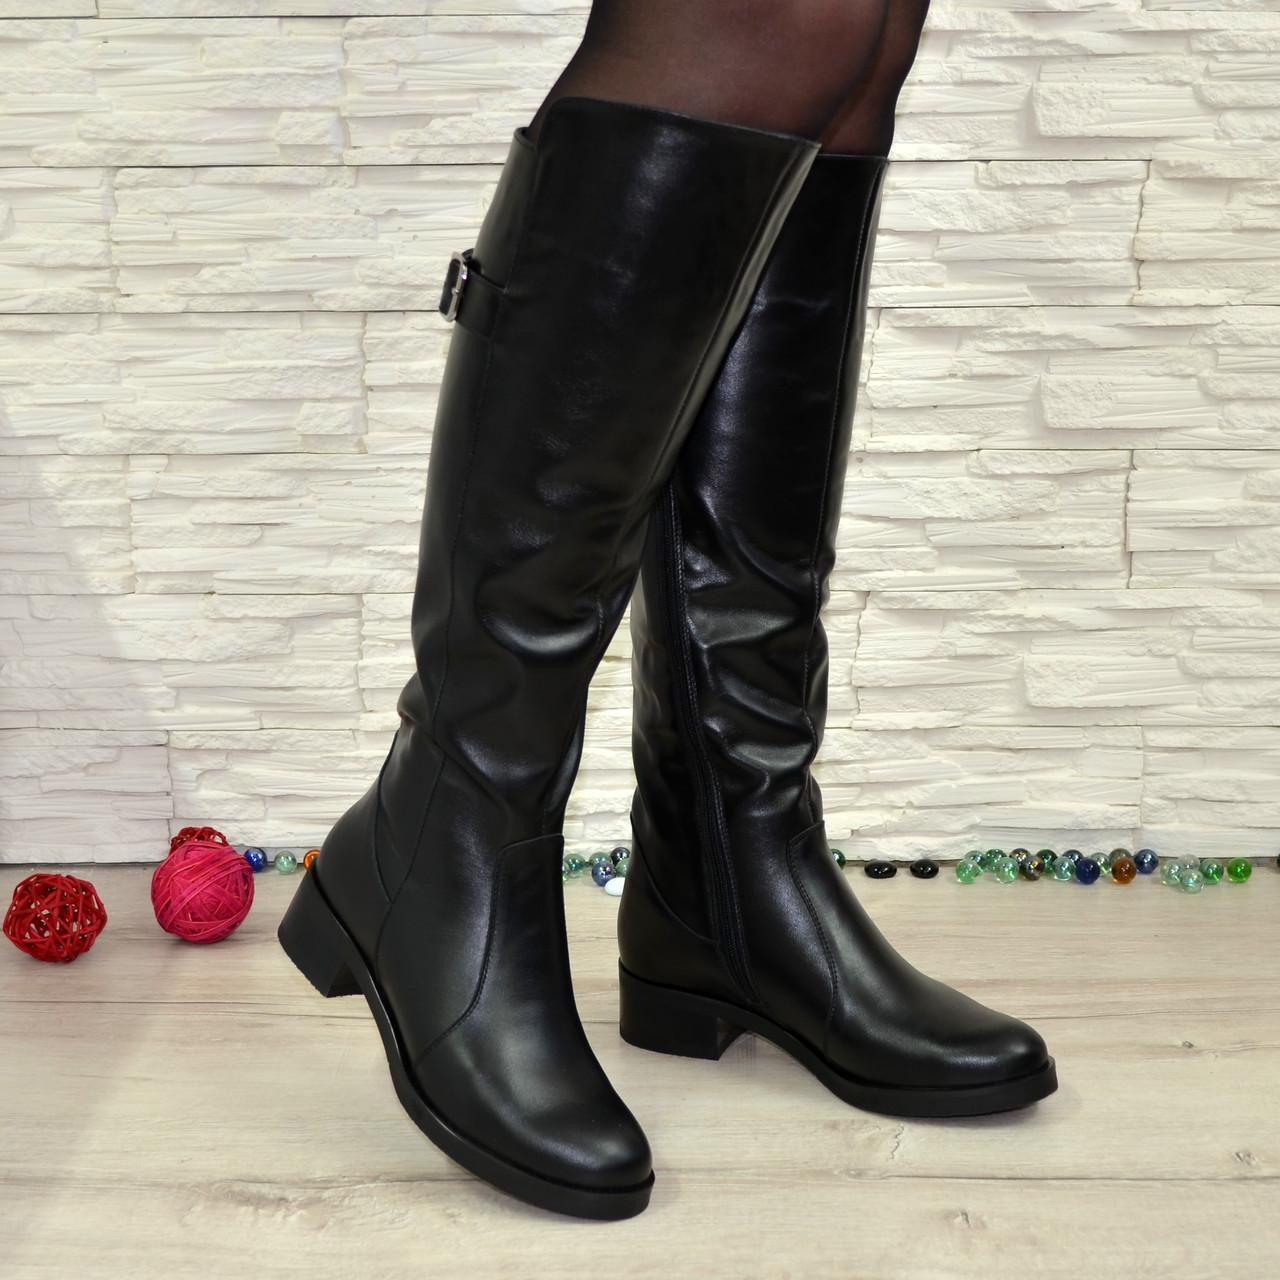 Сапоги женские   кожаные на невысоком устойчивом каблуке